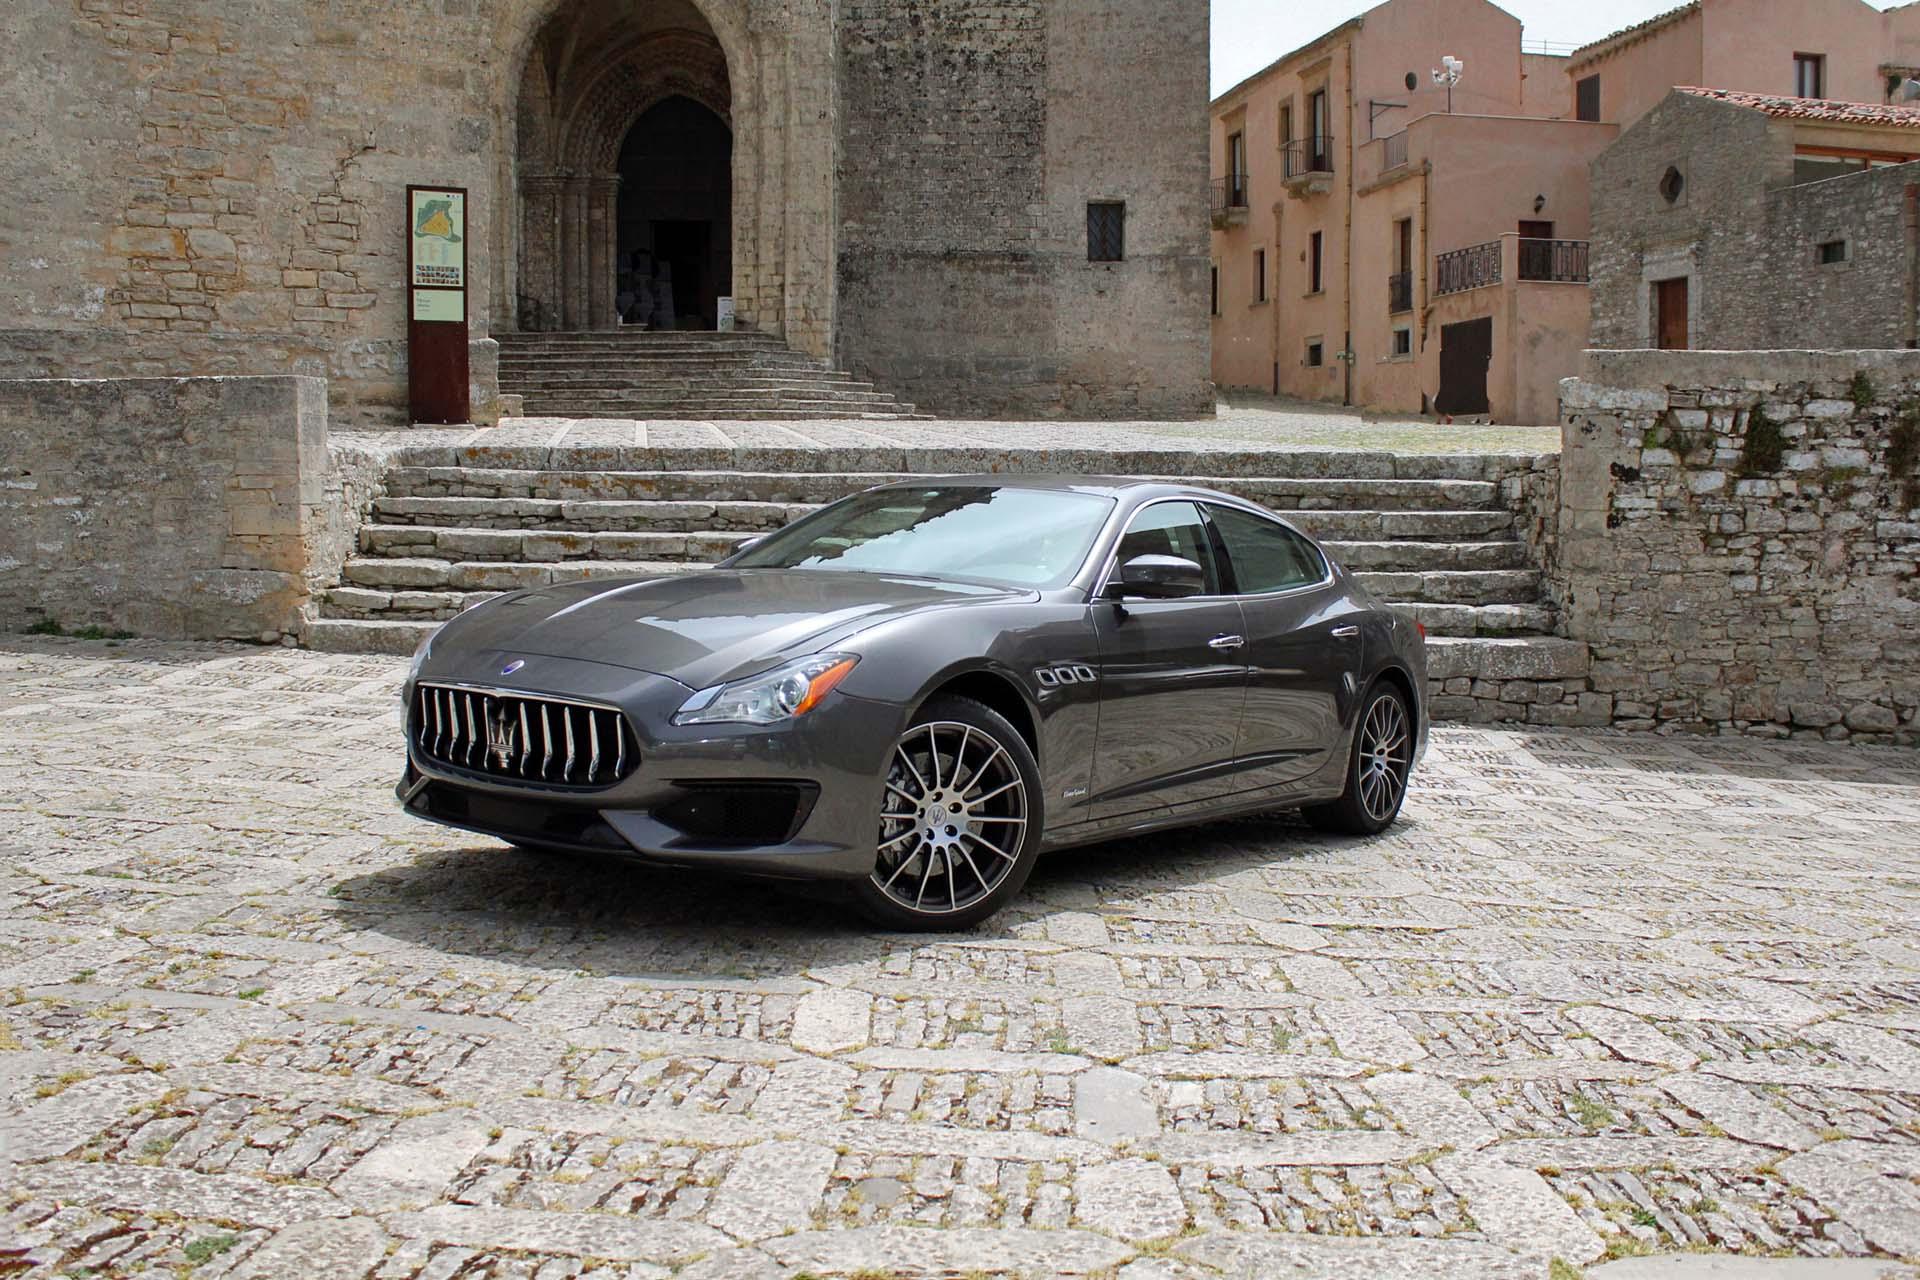 2017 Maserati Quattroporte S Q4 Gransport Autos Ca